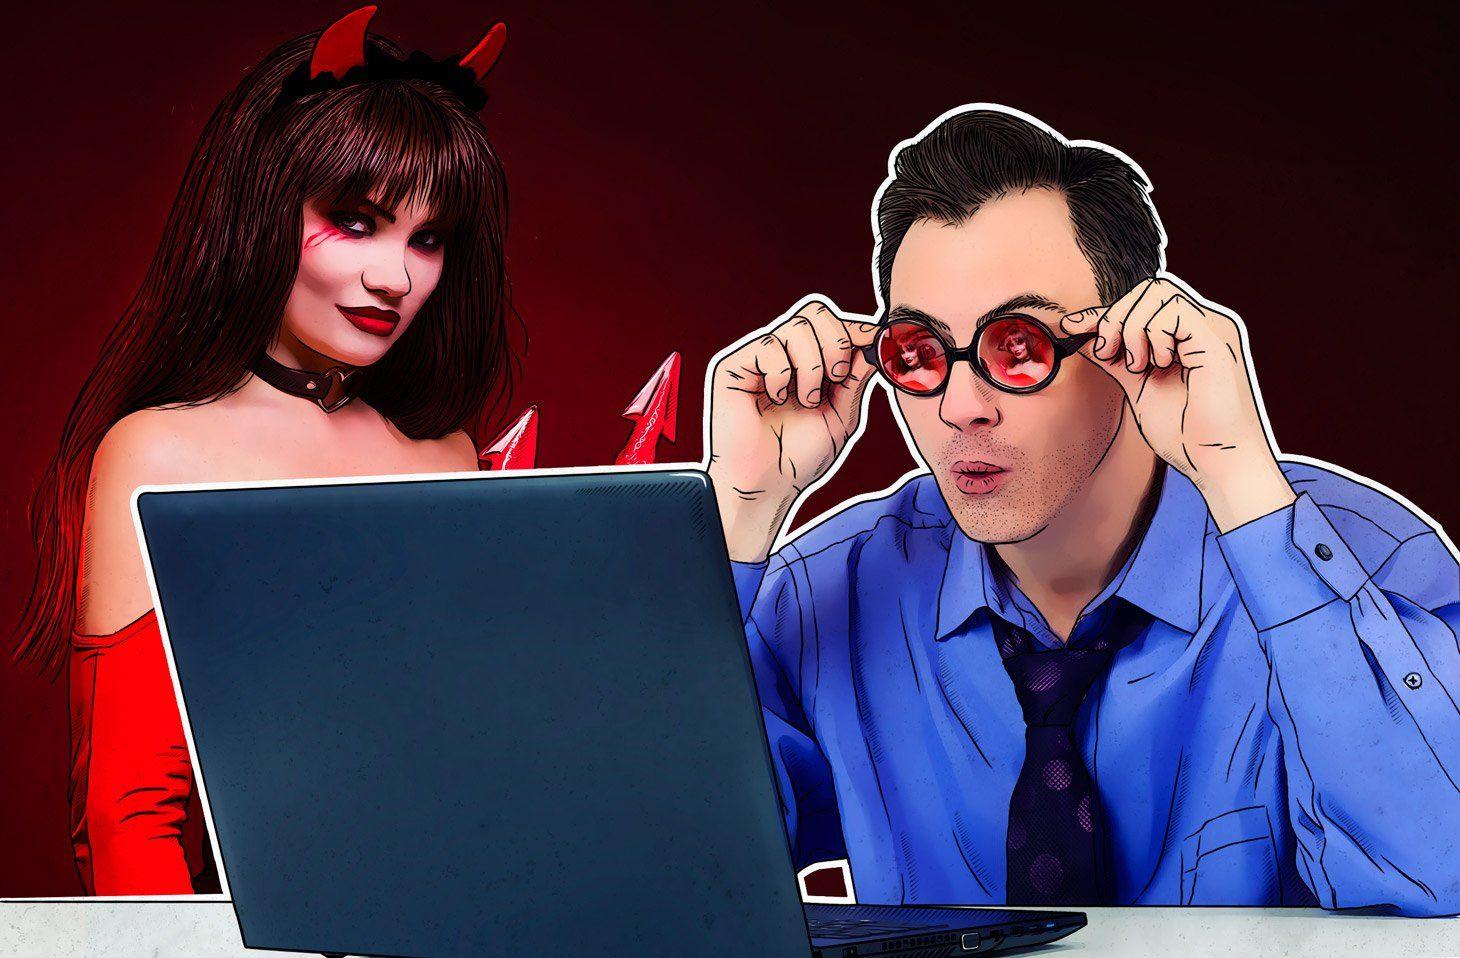 Порно и вирусы